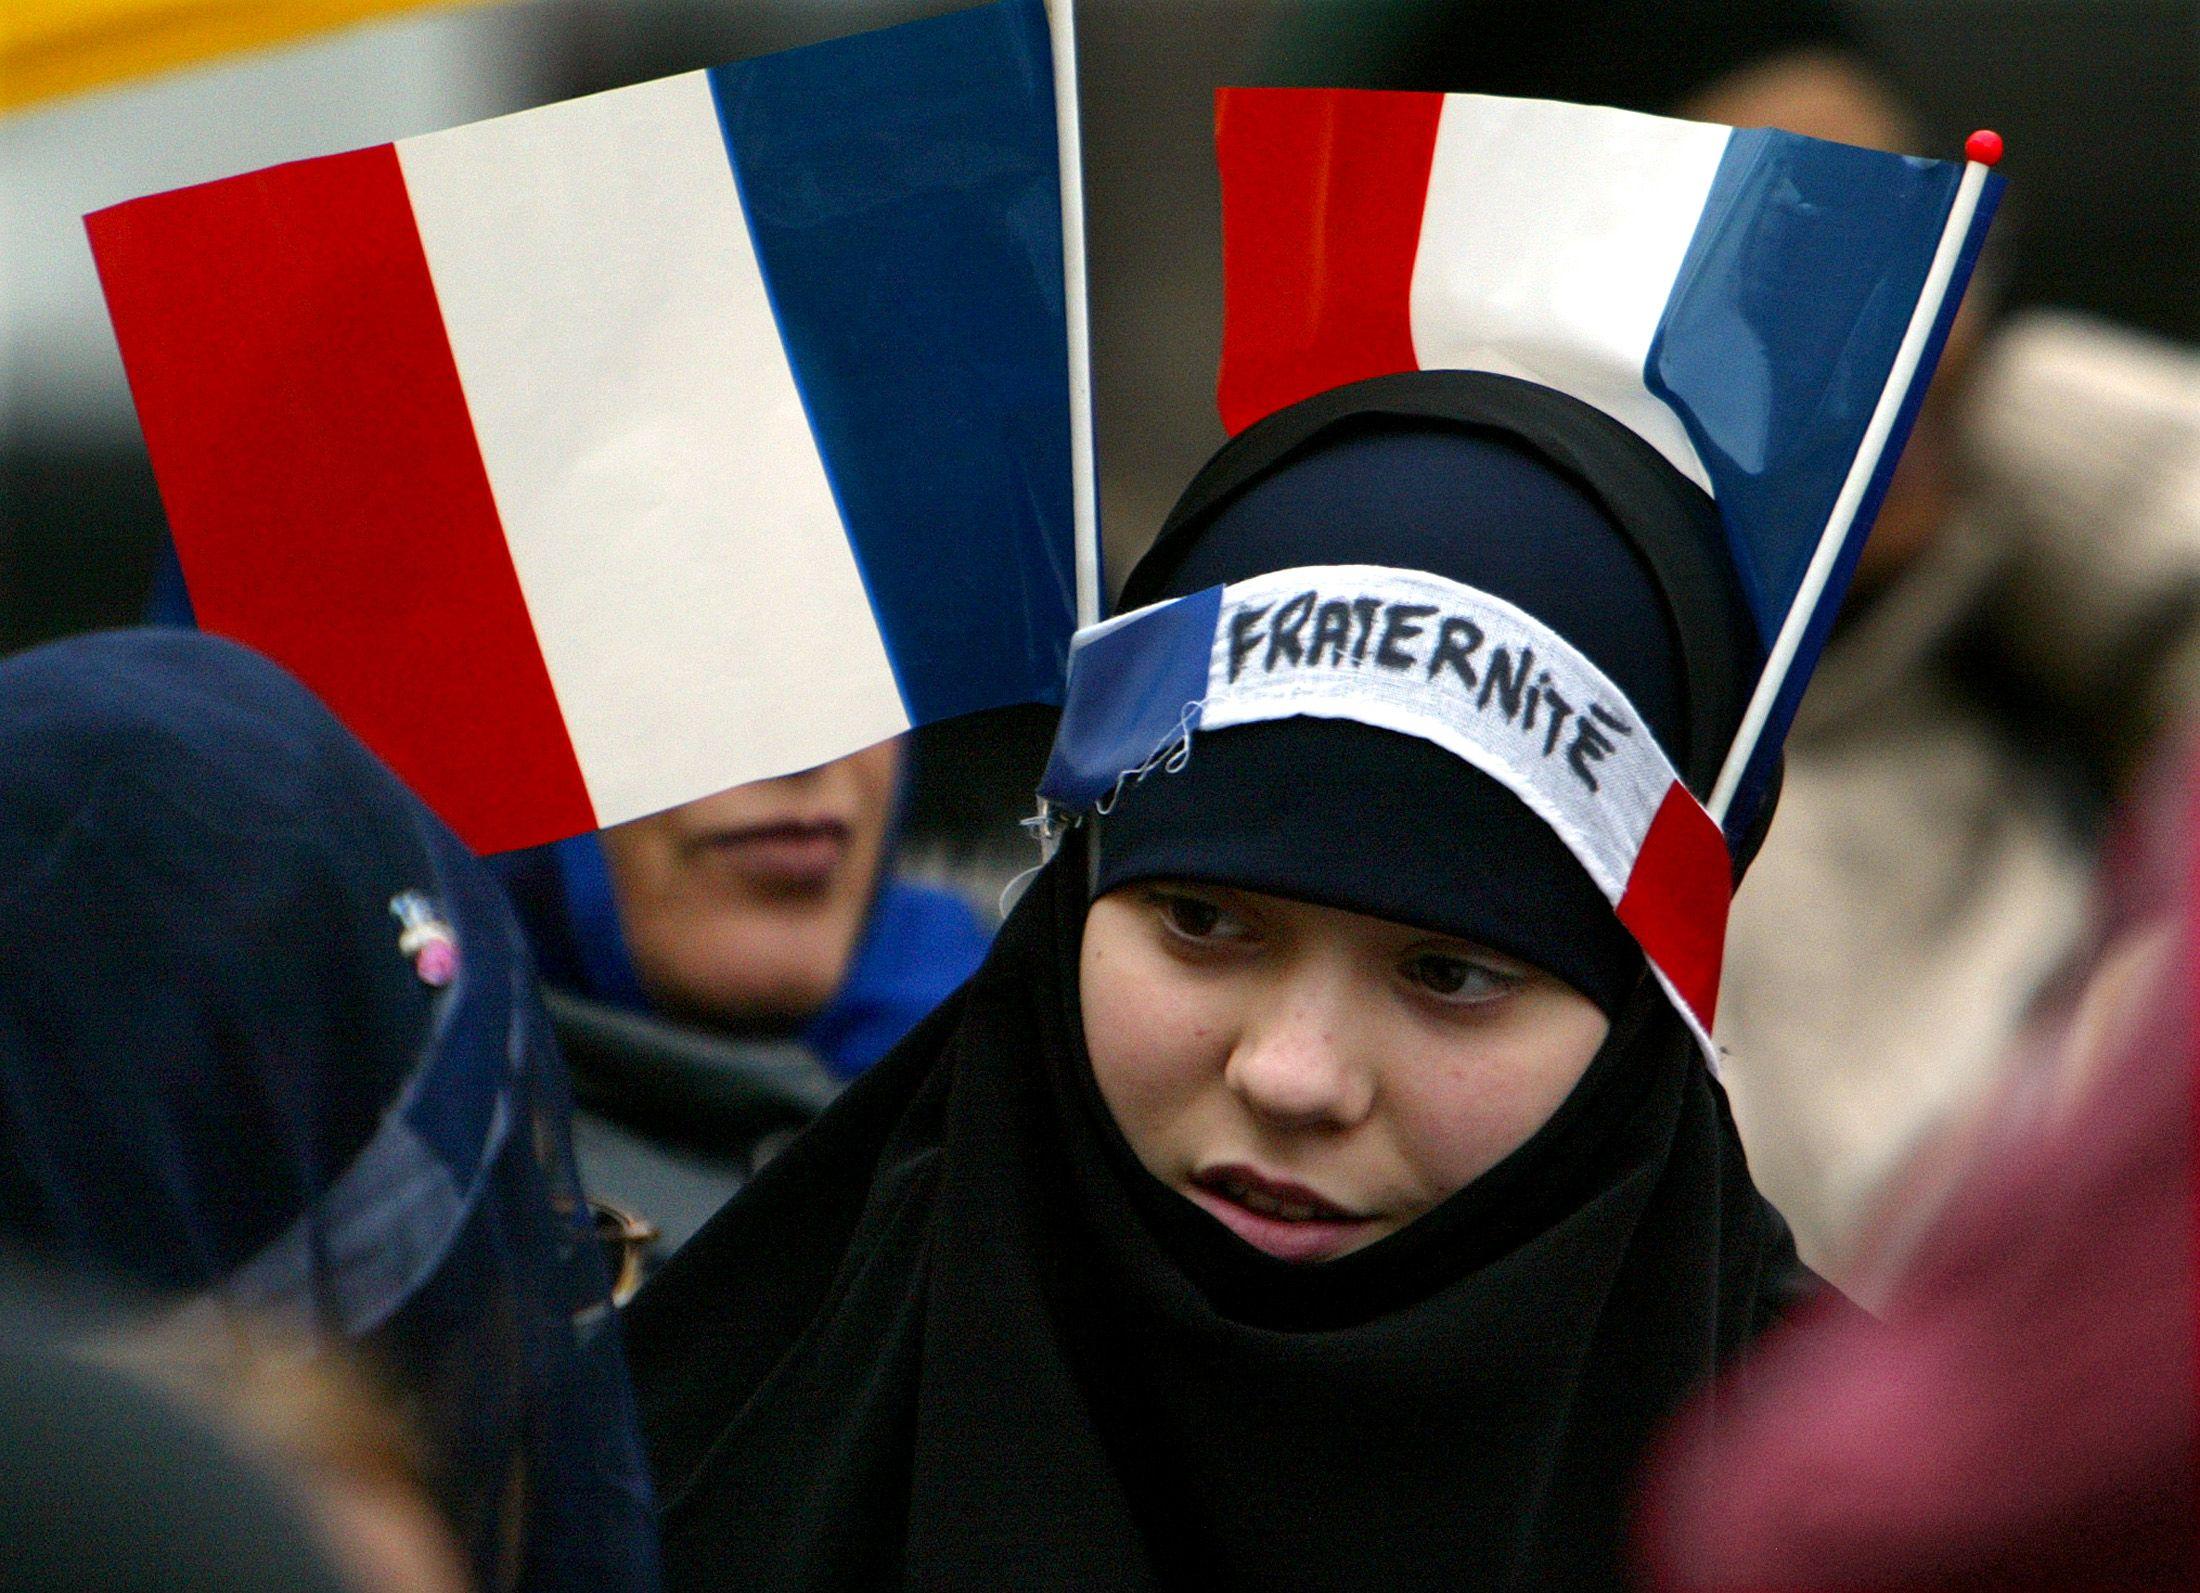 Aux racines du terrorisme : ce qu'il y aurait à purger dans le contentieux entre la France et le monde arabo-musulman